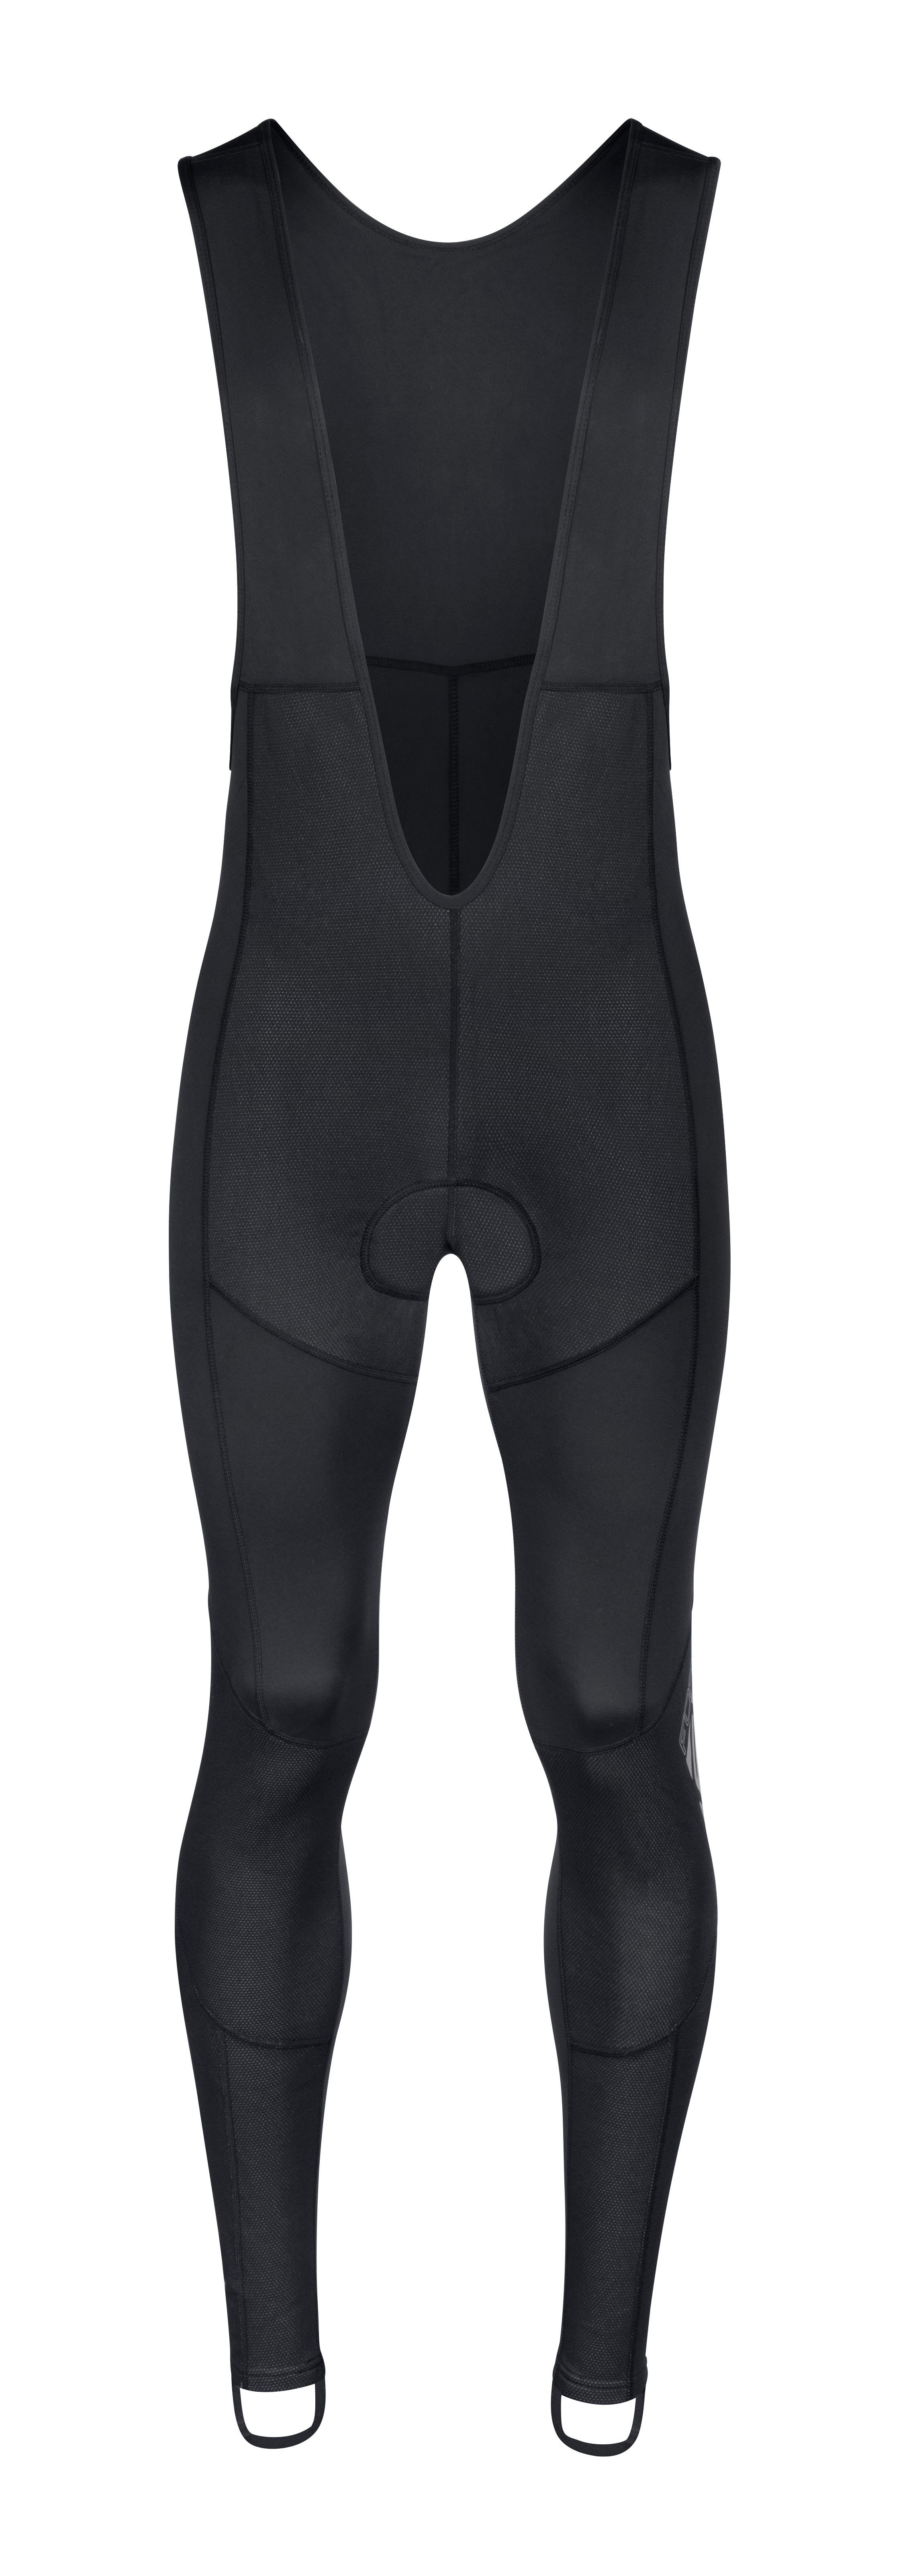 kalhoty F SHARD WINDSTER se šráky a vl, črn 3XL